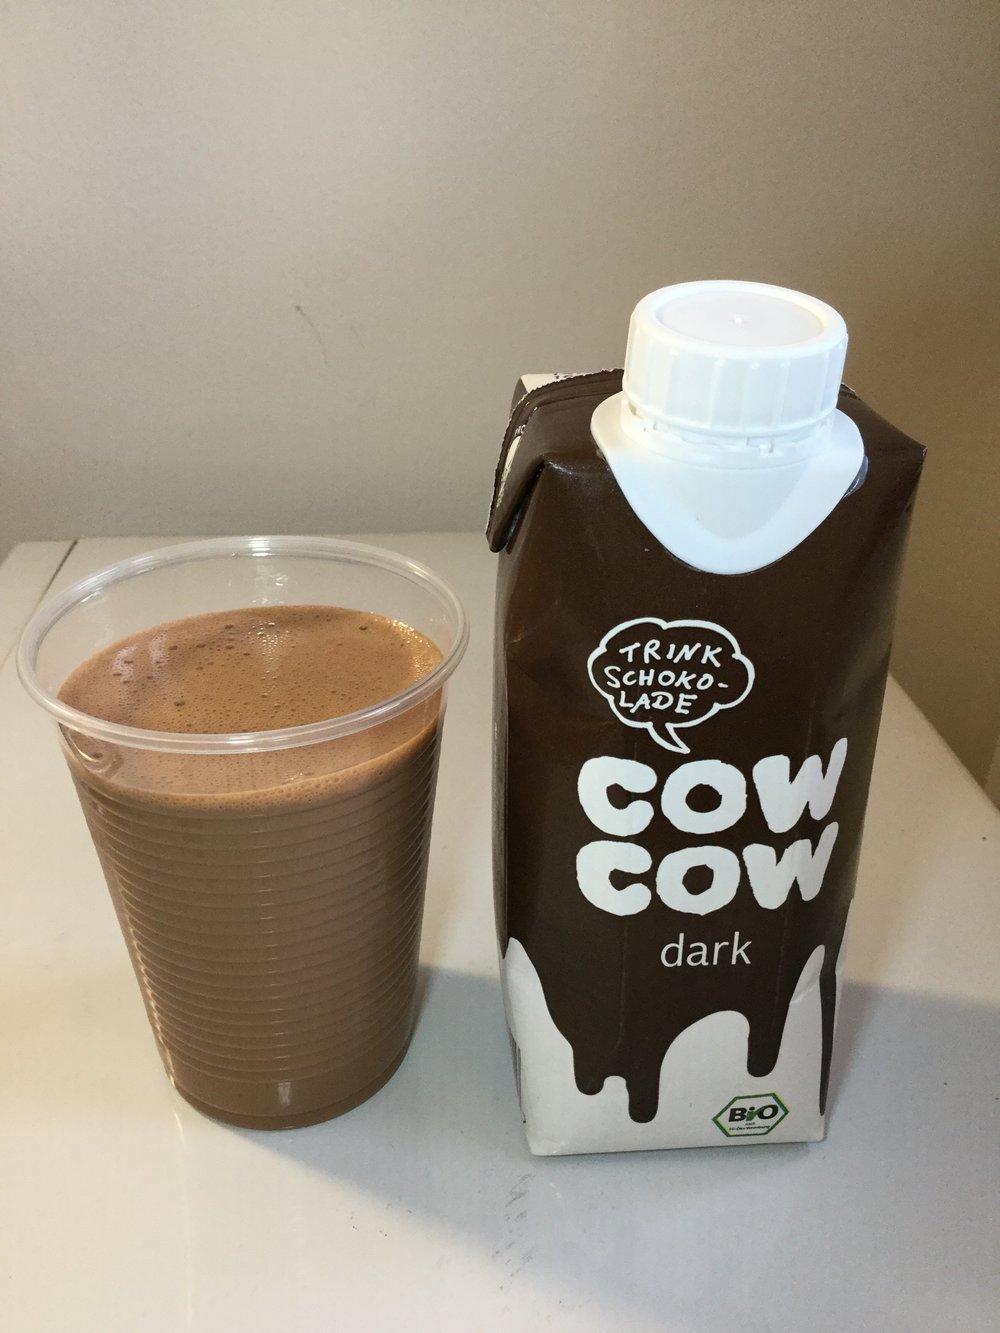 Cow Cow Dark Trink Schokolade Cup